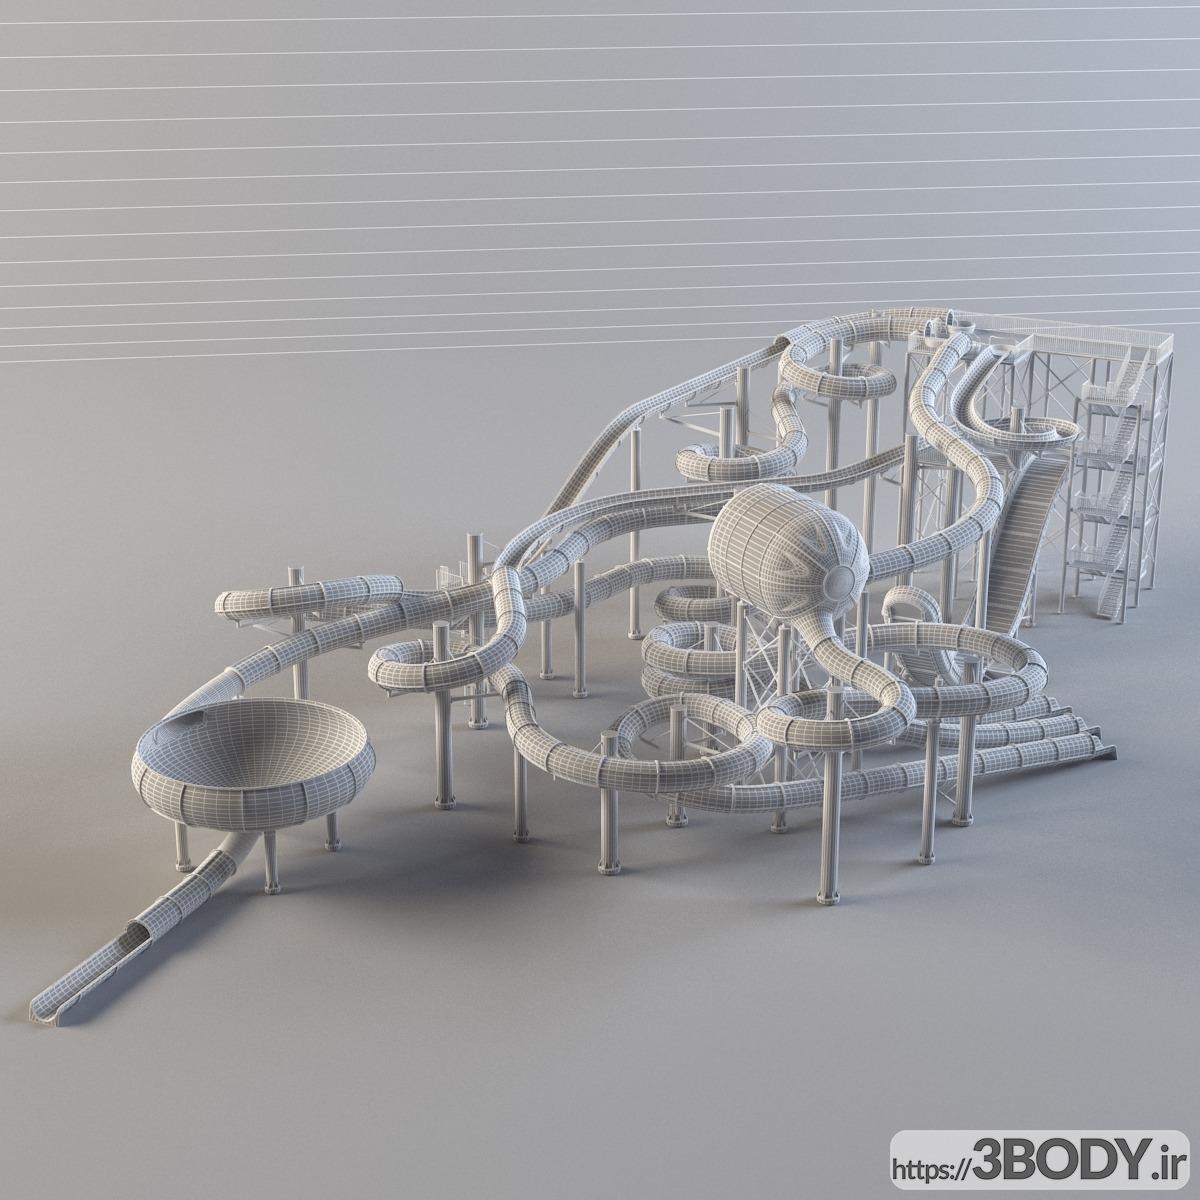 مدل سه بعدی اسباب بازی بچه تفریحات آبی عکس 2